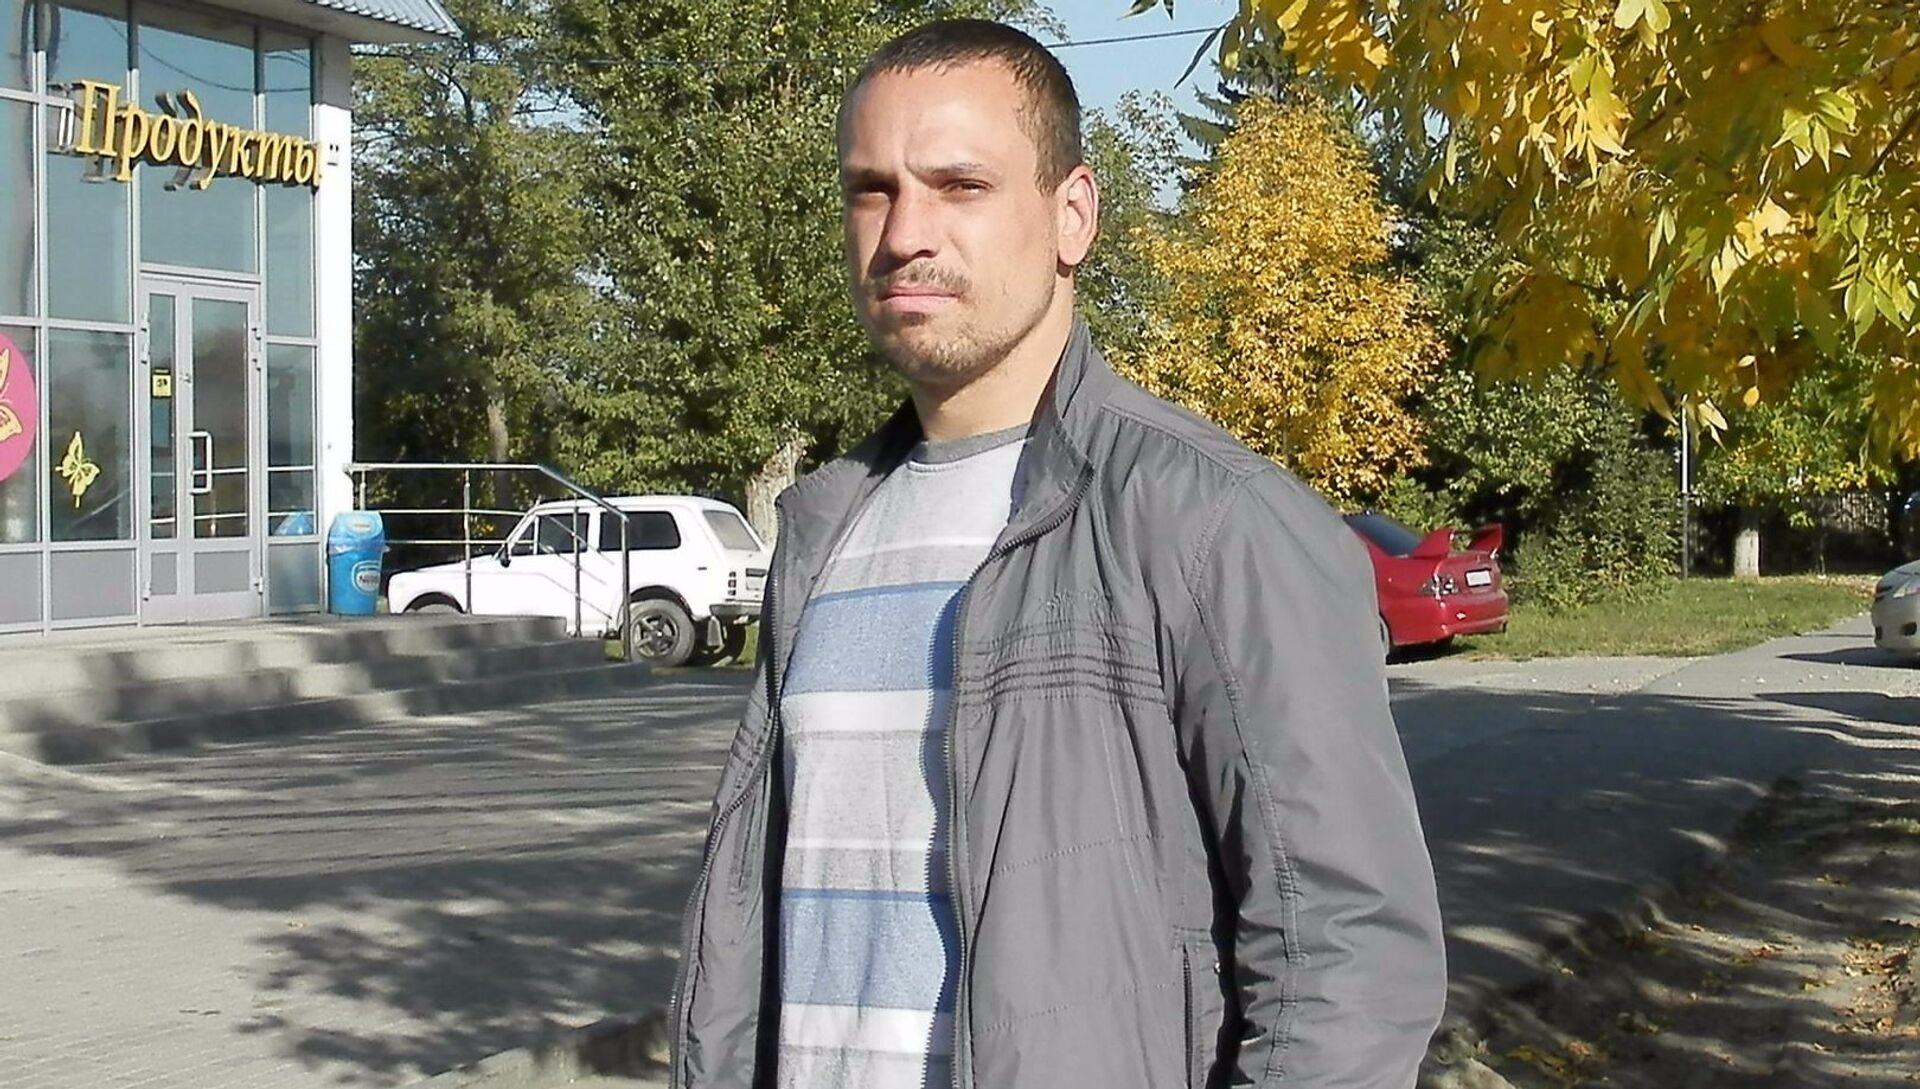 Андрей Минчук умер на месте происшествия - РИА Новости, 1920, 07.09.2018